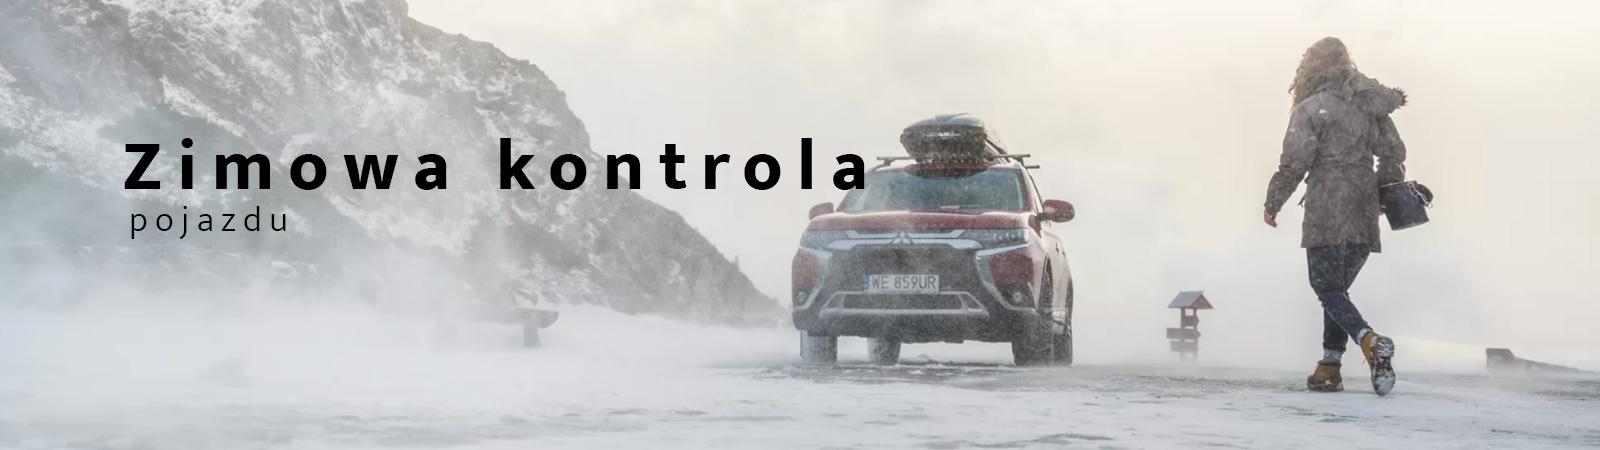 Zobowiązanie serwisowe Mitsubishi zimowa kontrola